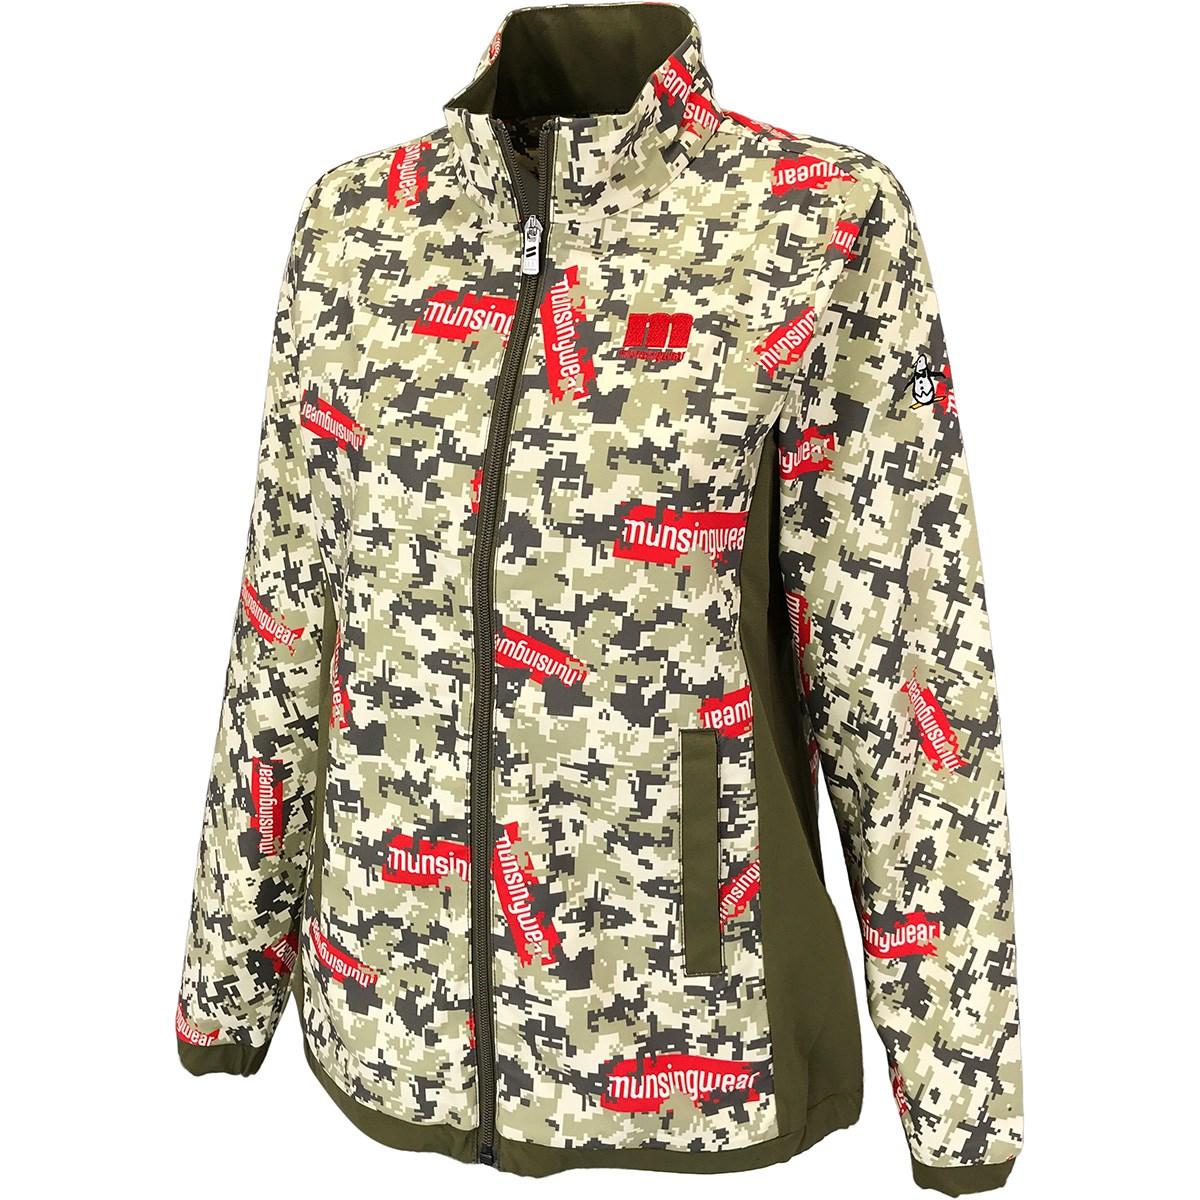 マンシングウェア Munsingwear ENVOY デジカモプリント ストレッチブルゾン L カーキ 00 レディス